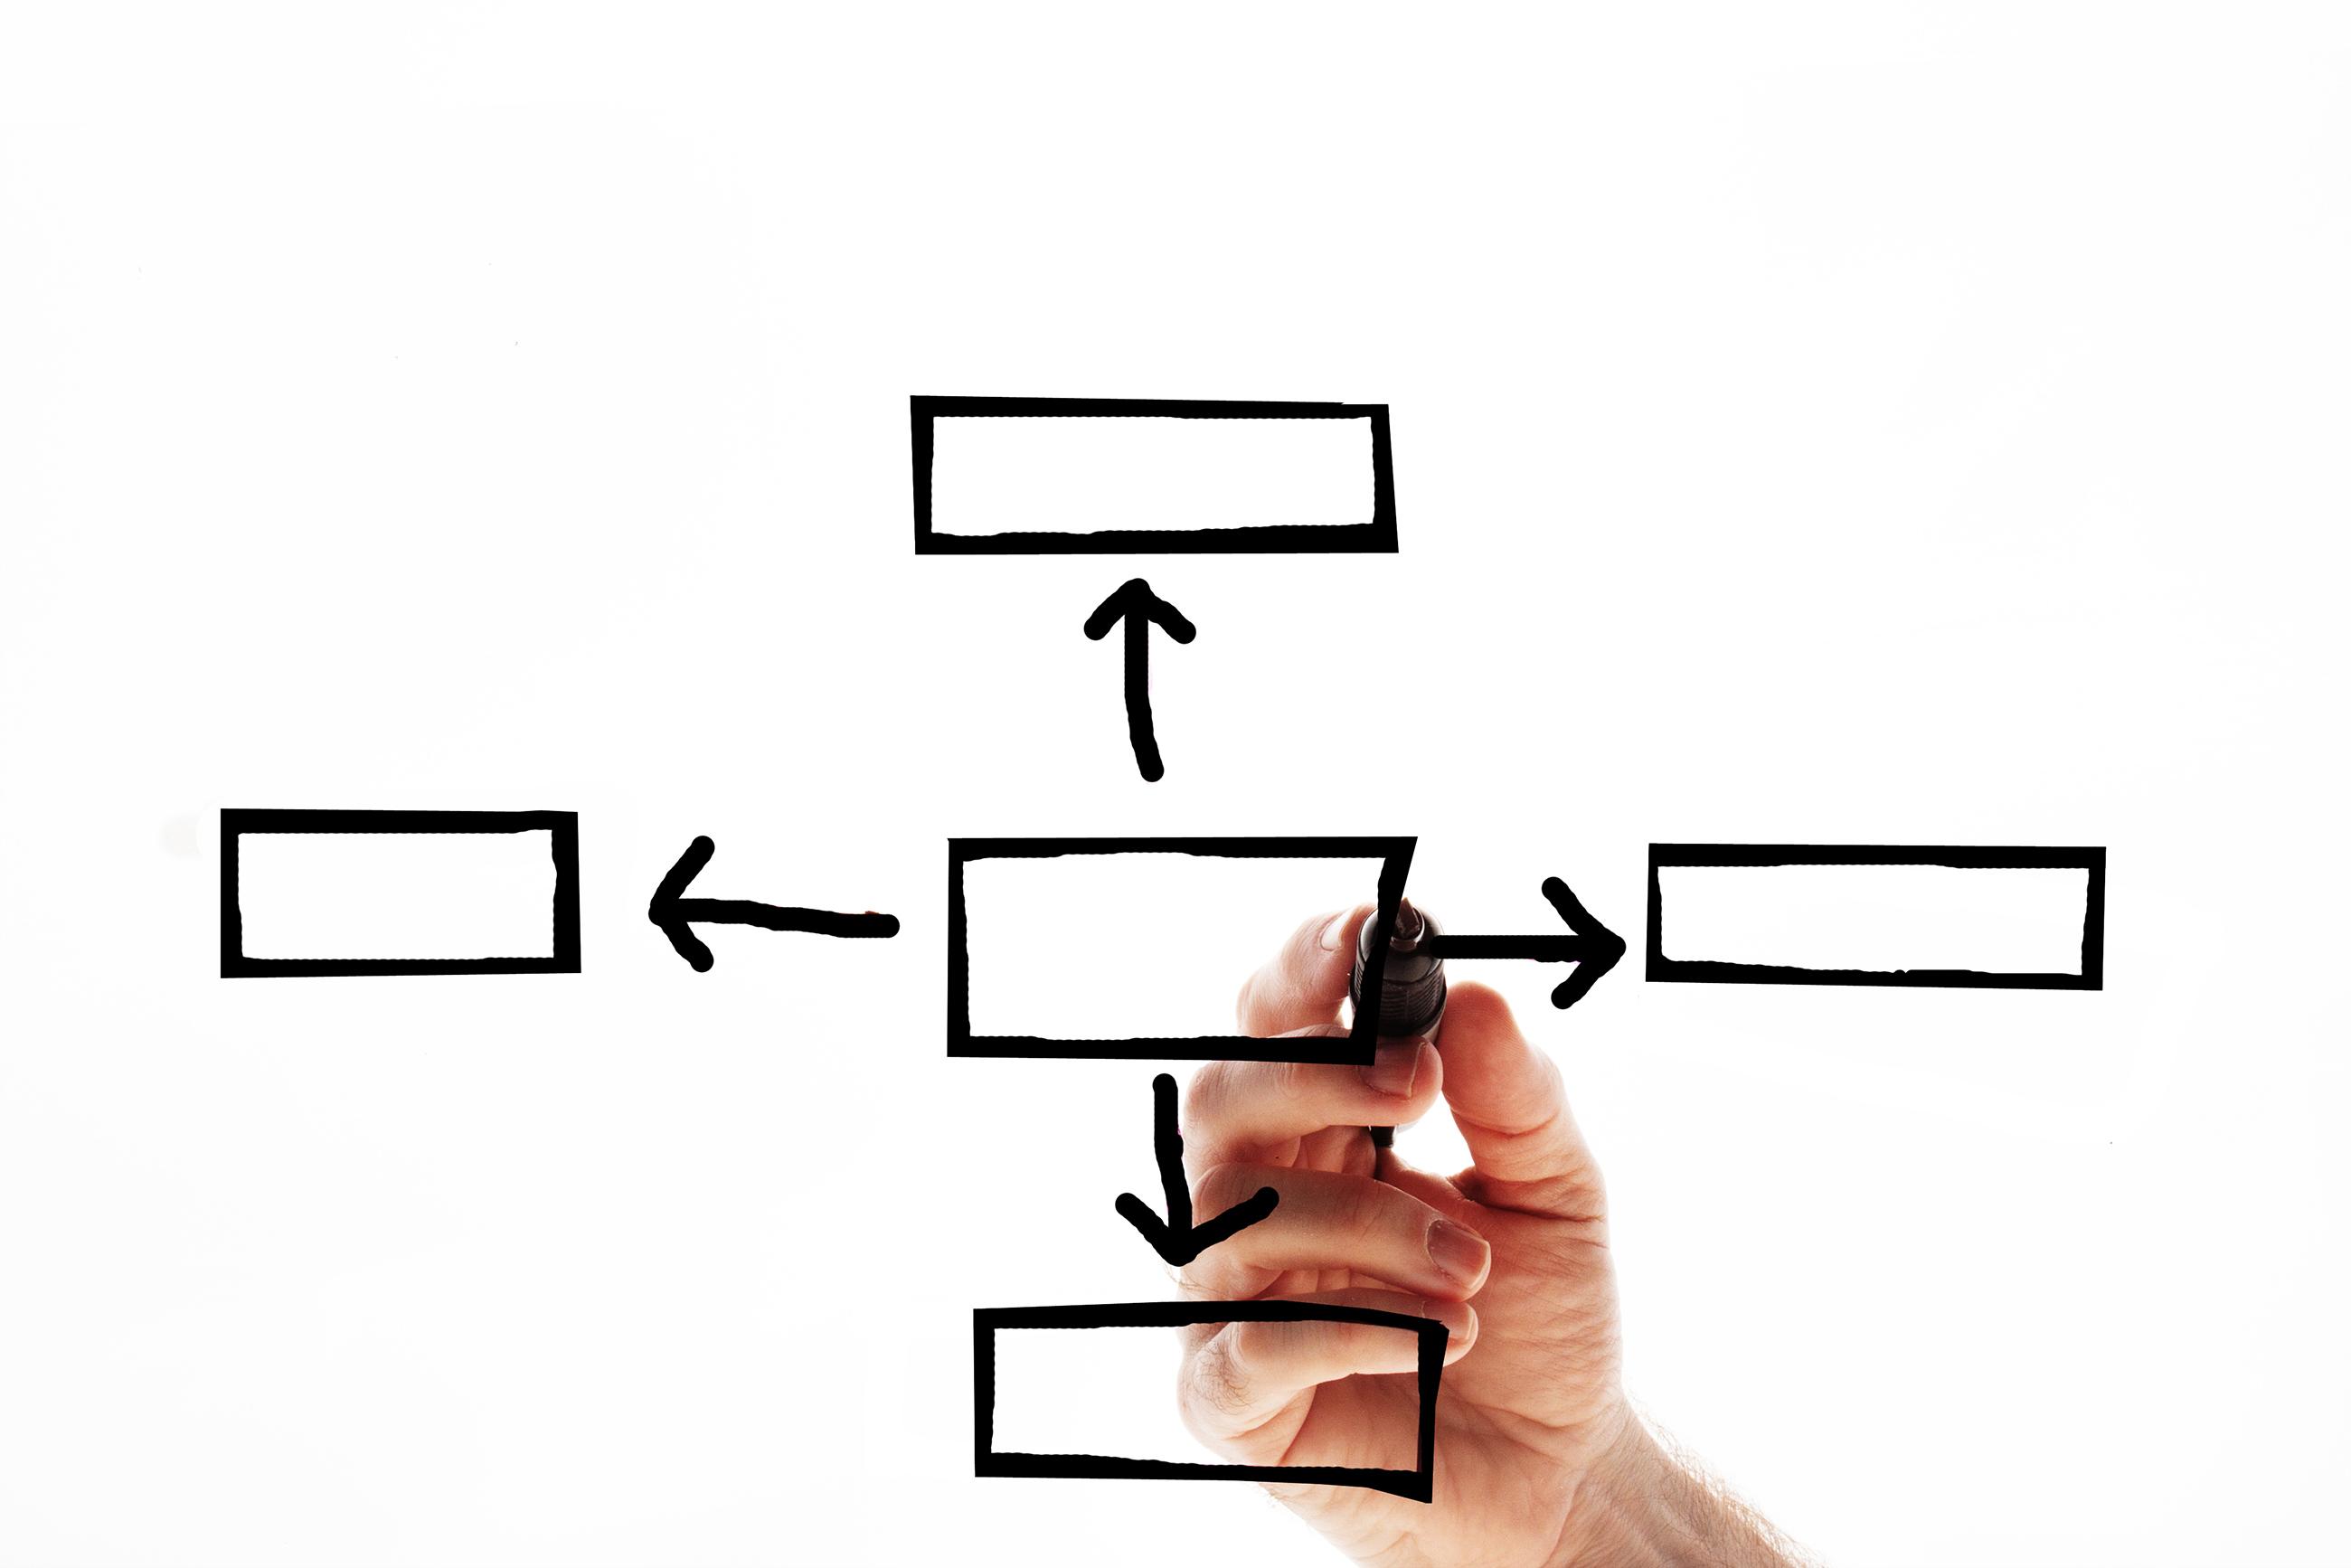 Bachelorarbeit Einleitung Kapitelgliederung roter Faden